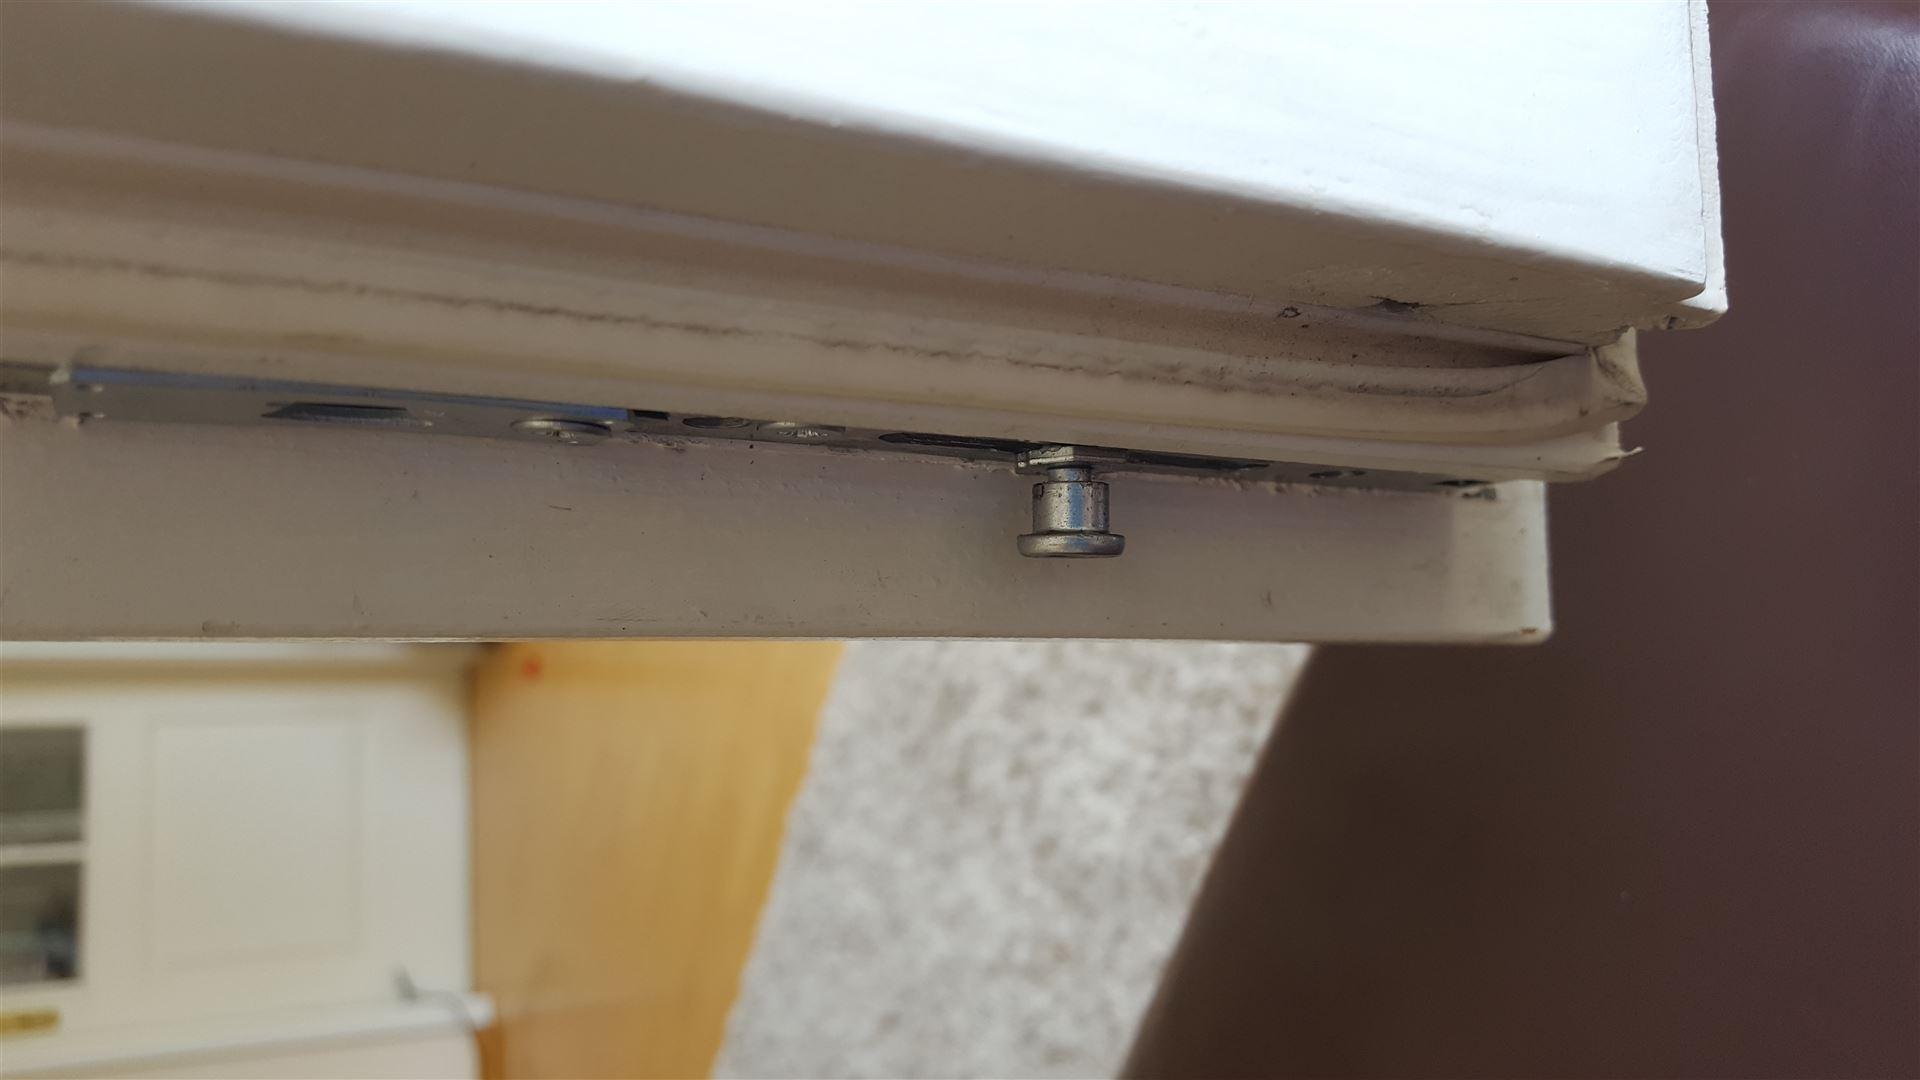 Full Size of Sicherheitsbeschläge Fenster Nachrüsten Nachrstung Verdecktliegender Beschlge Sichtschutz Roro Reinigen Jemako Sichern Gegen Einbruch Mit Lüftung Velux Fenster Sicherheitsbeschläge Fenster Nachrüsten